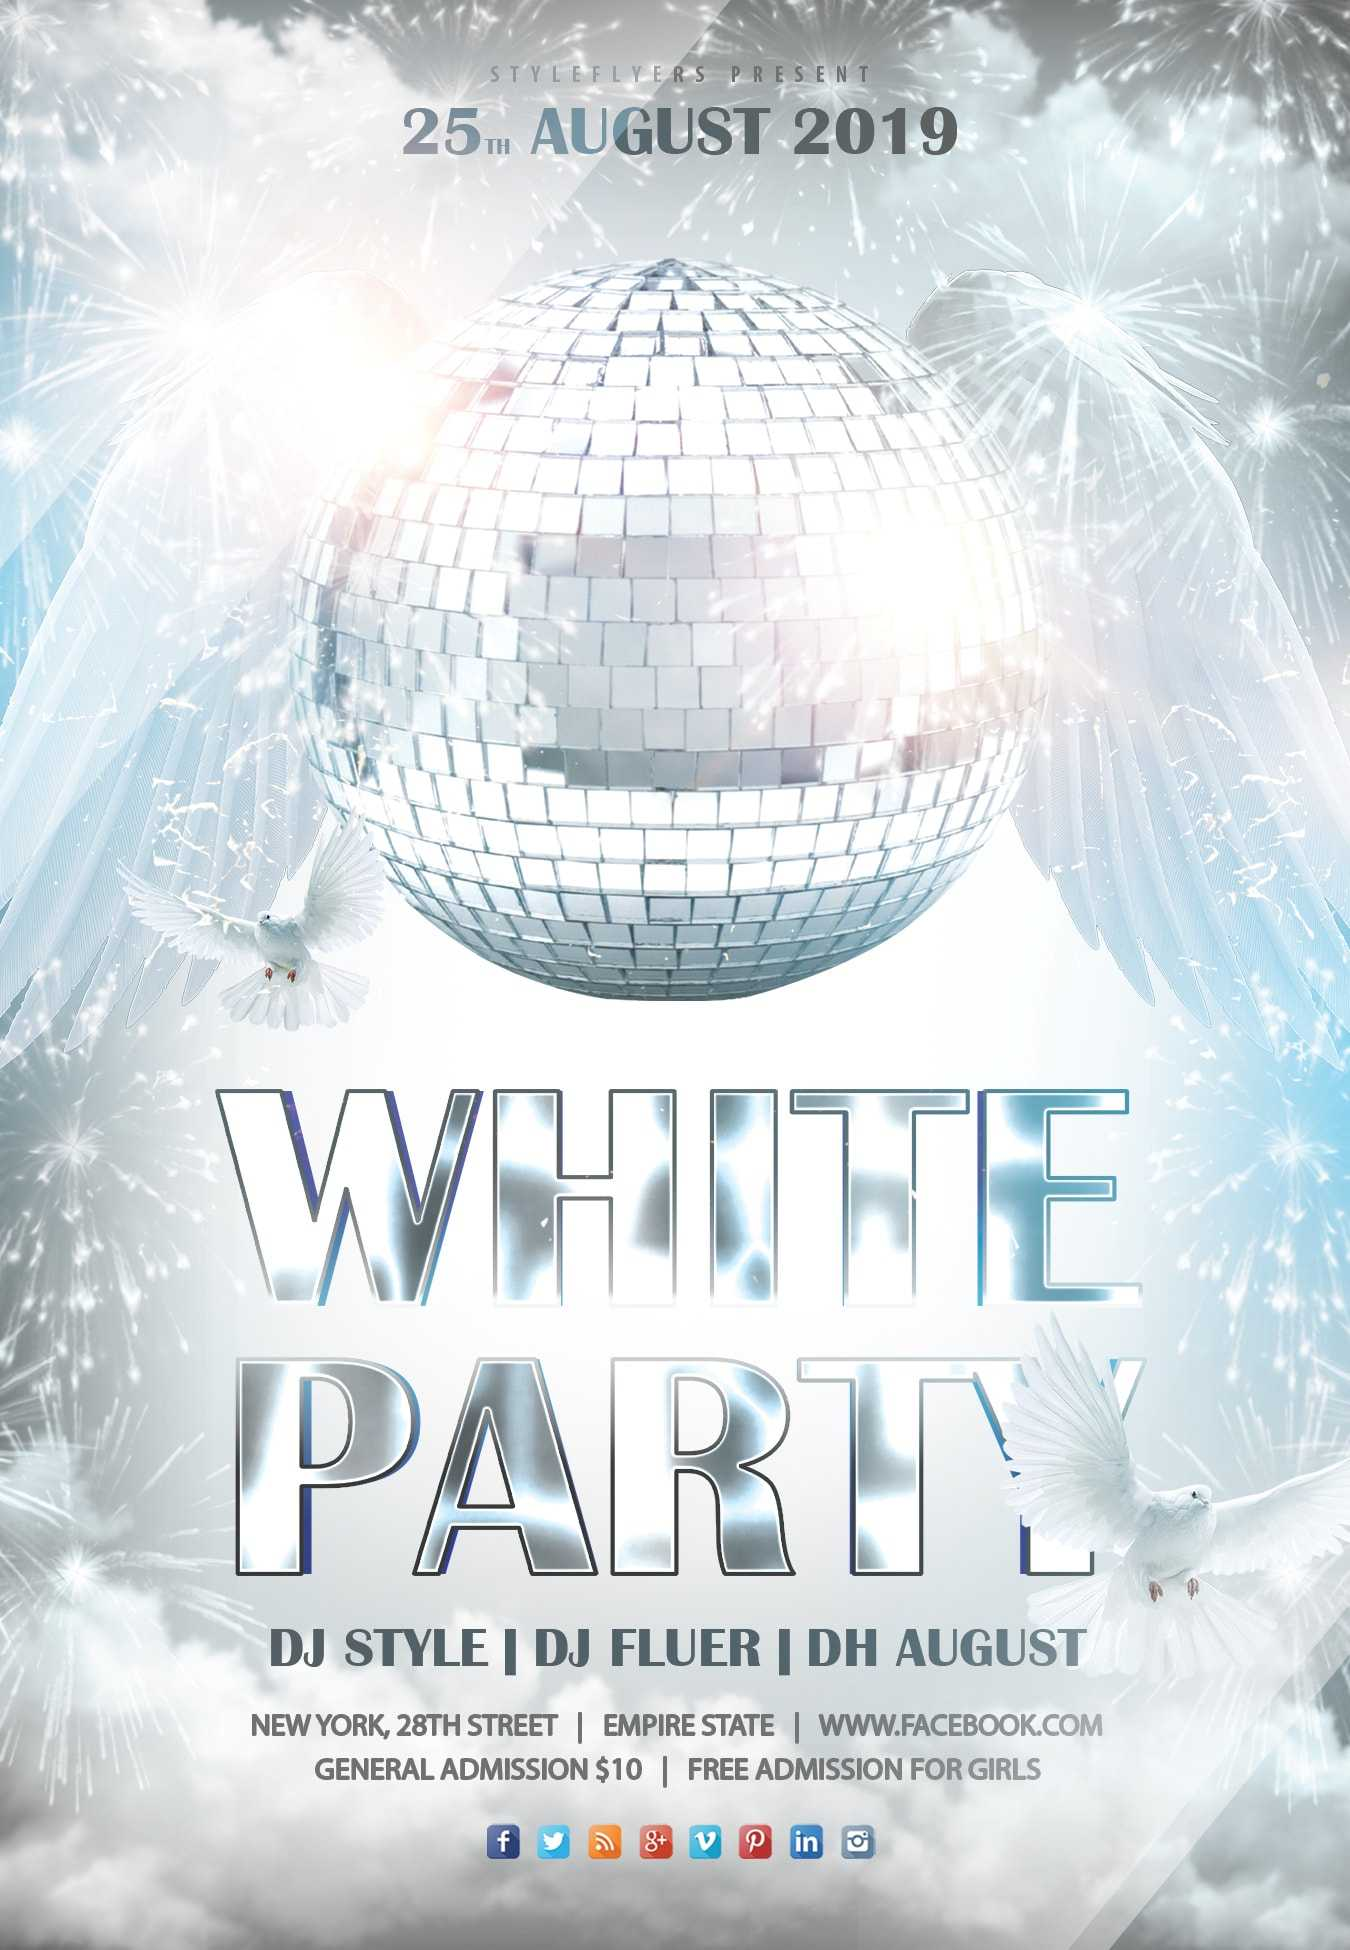 042 White Party Min Template Ideas Free Birthday Flyer With Free All White Party Flyer Template